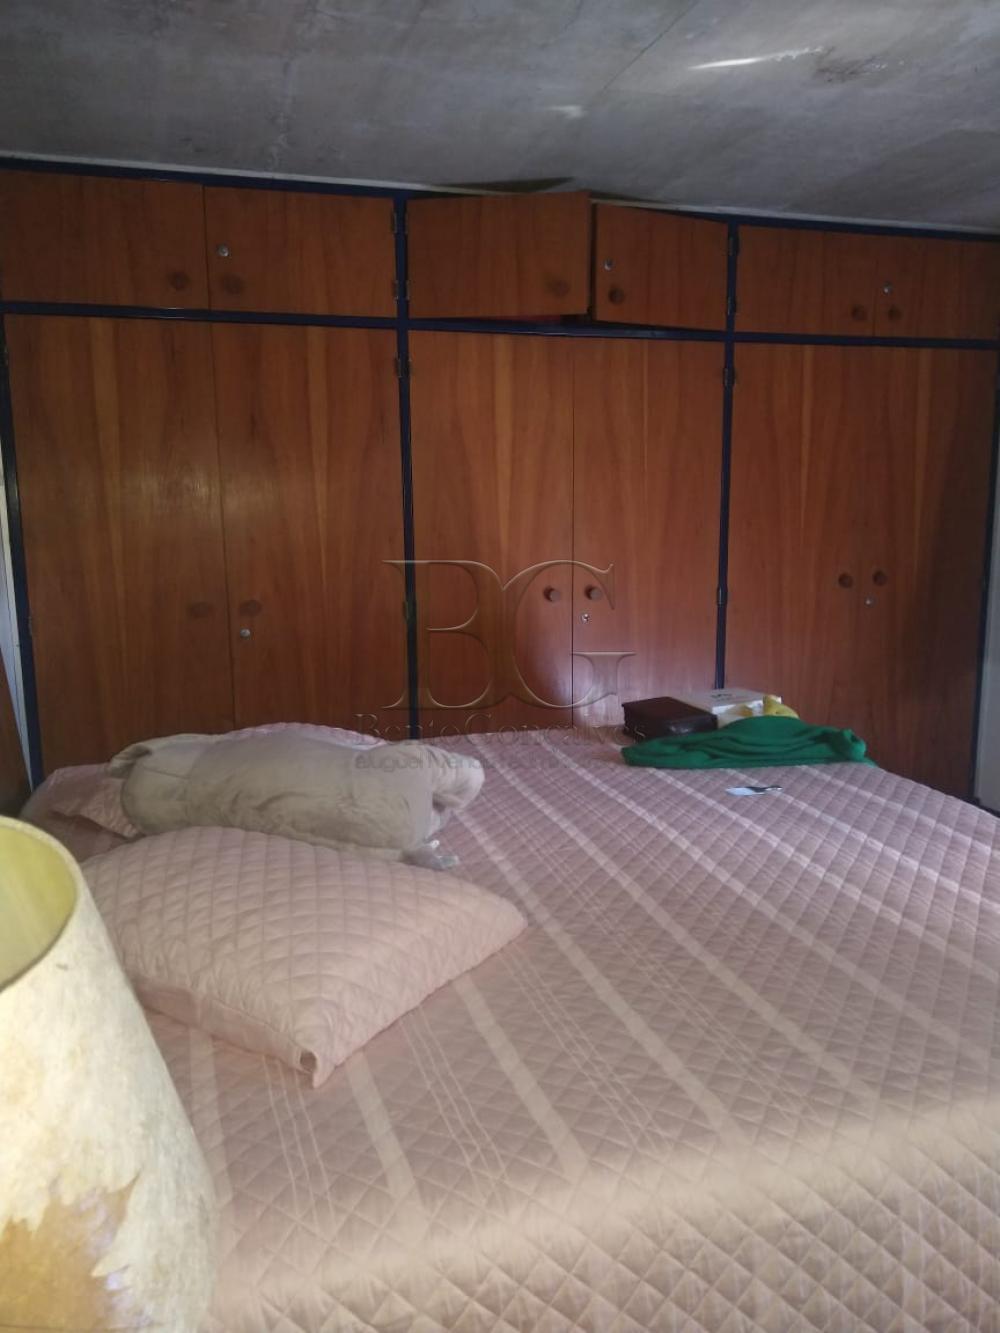 Comprar Casas / Padrão em Poços de Caldas apenas R$ 1.800.000,00 - Foto 18